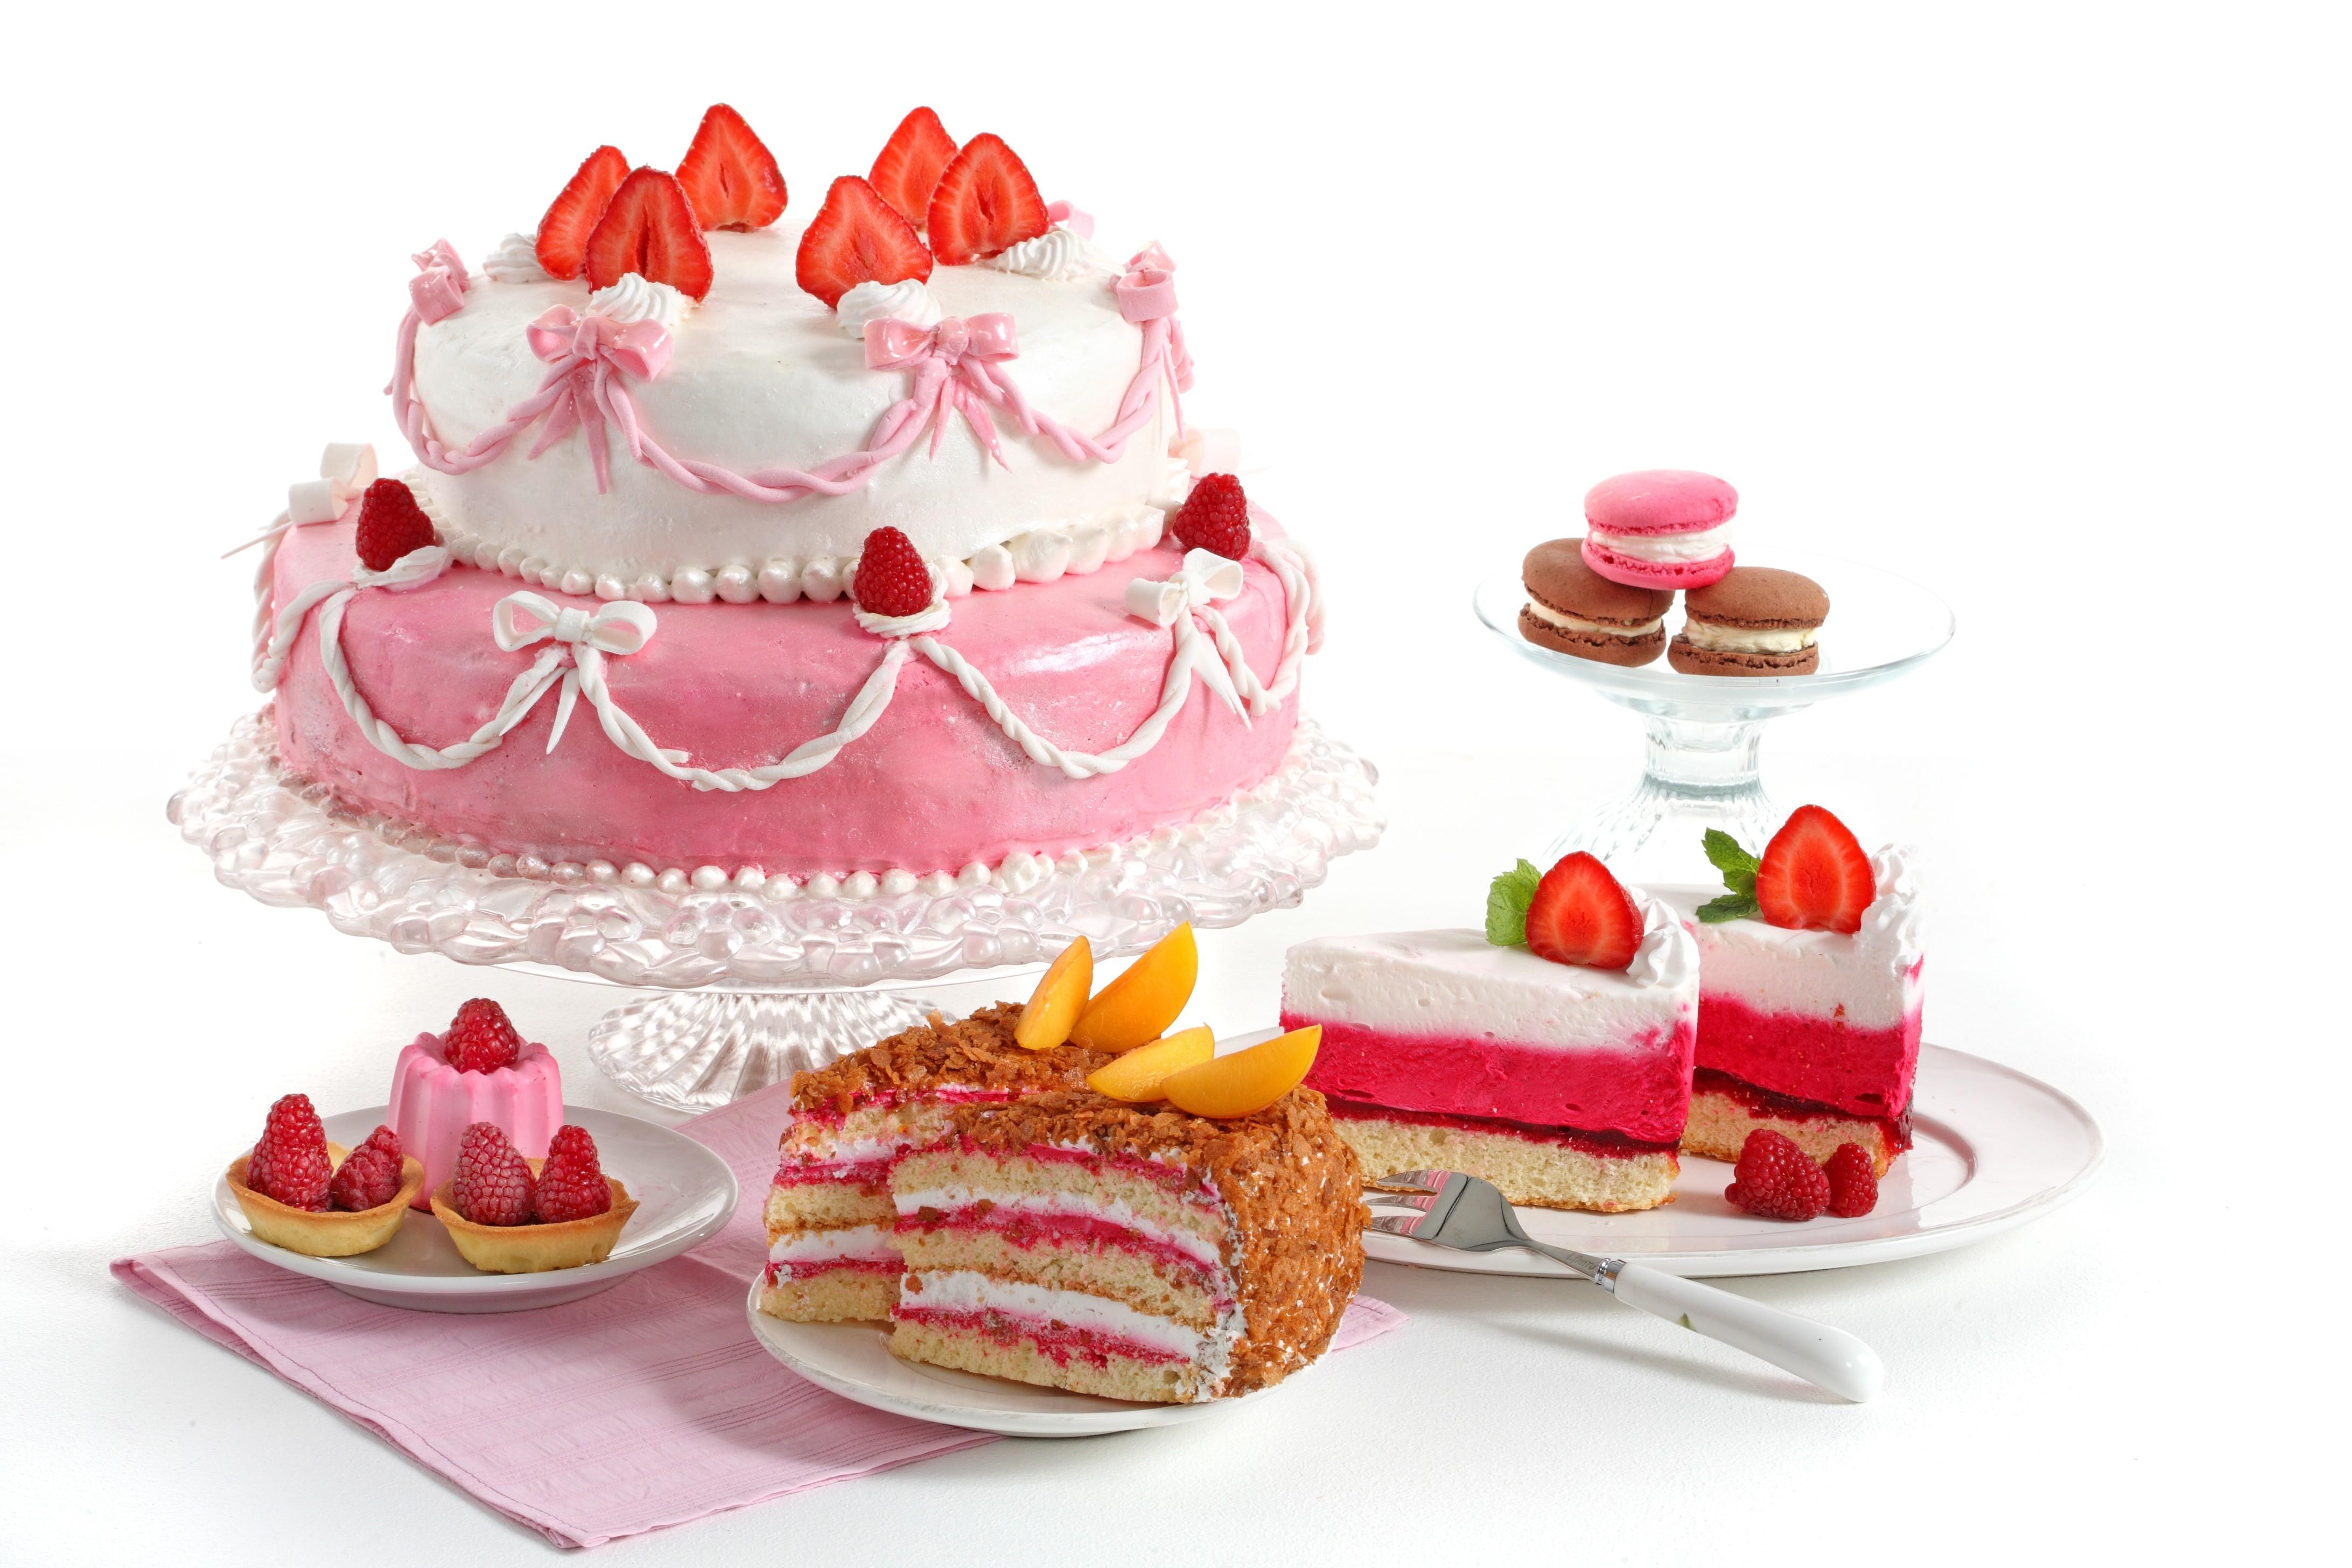 desert-pirog-tort-pirozhnoe